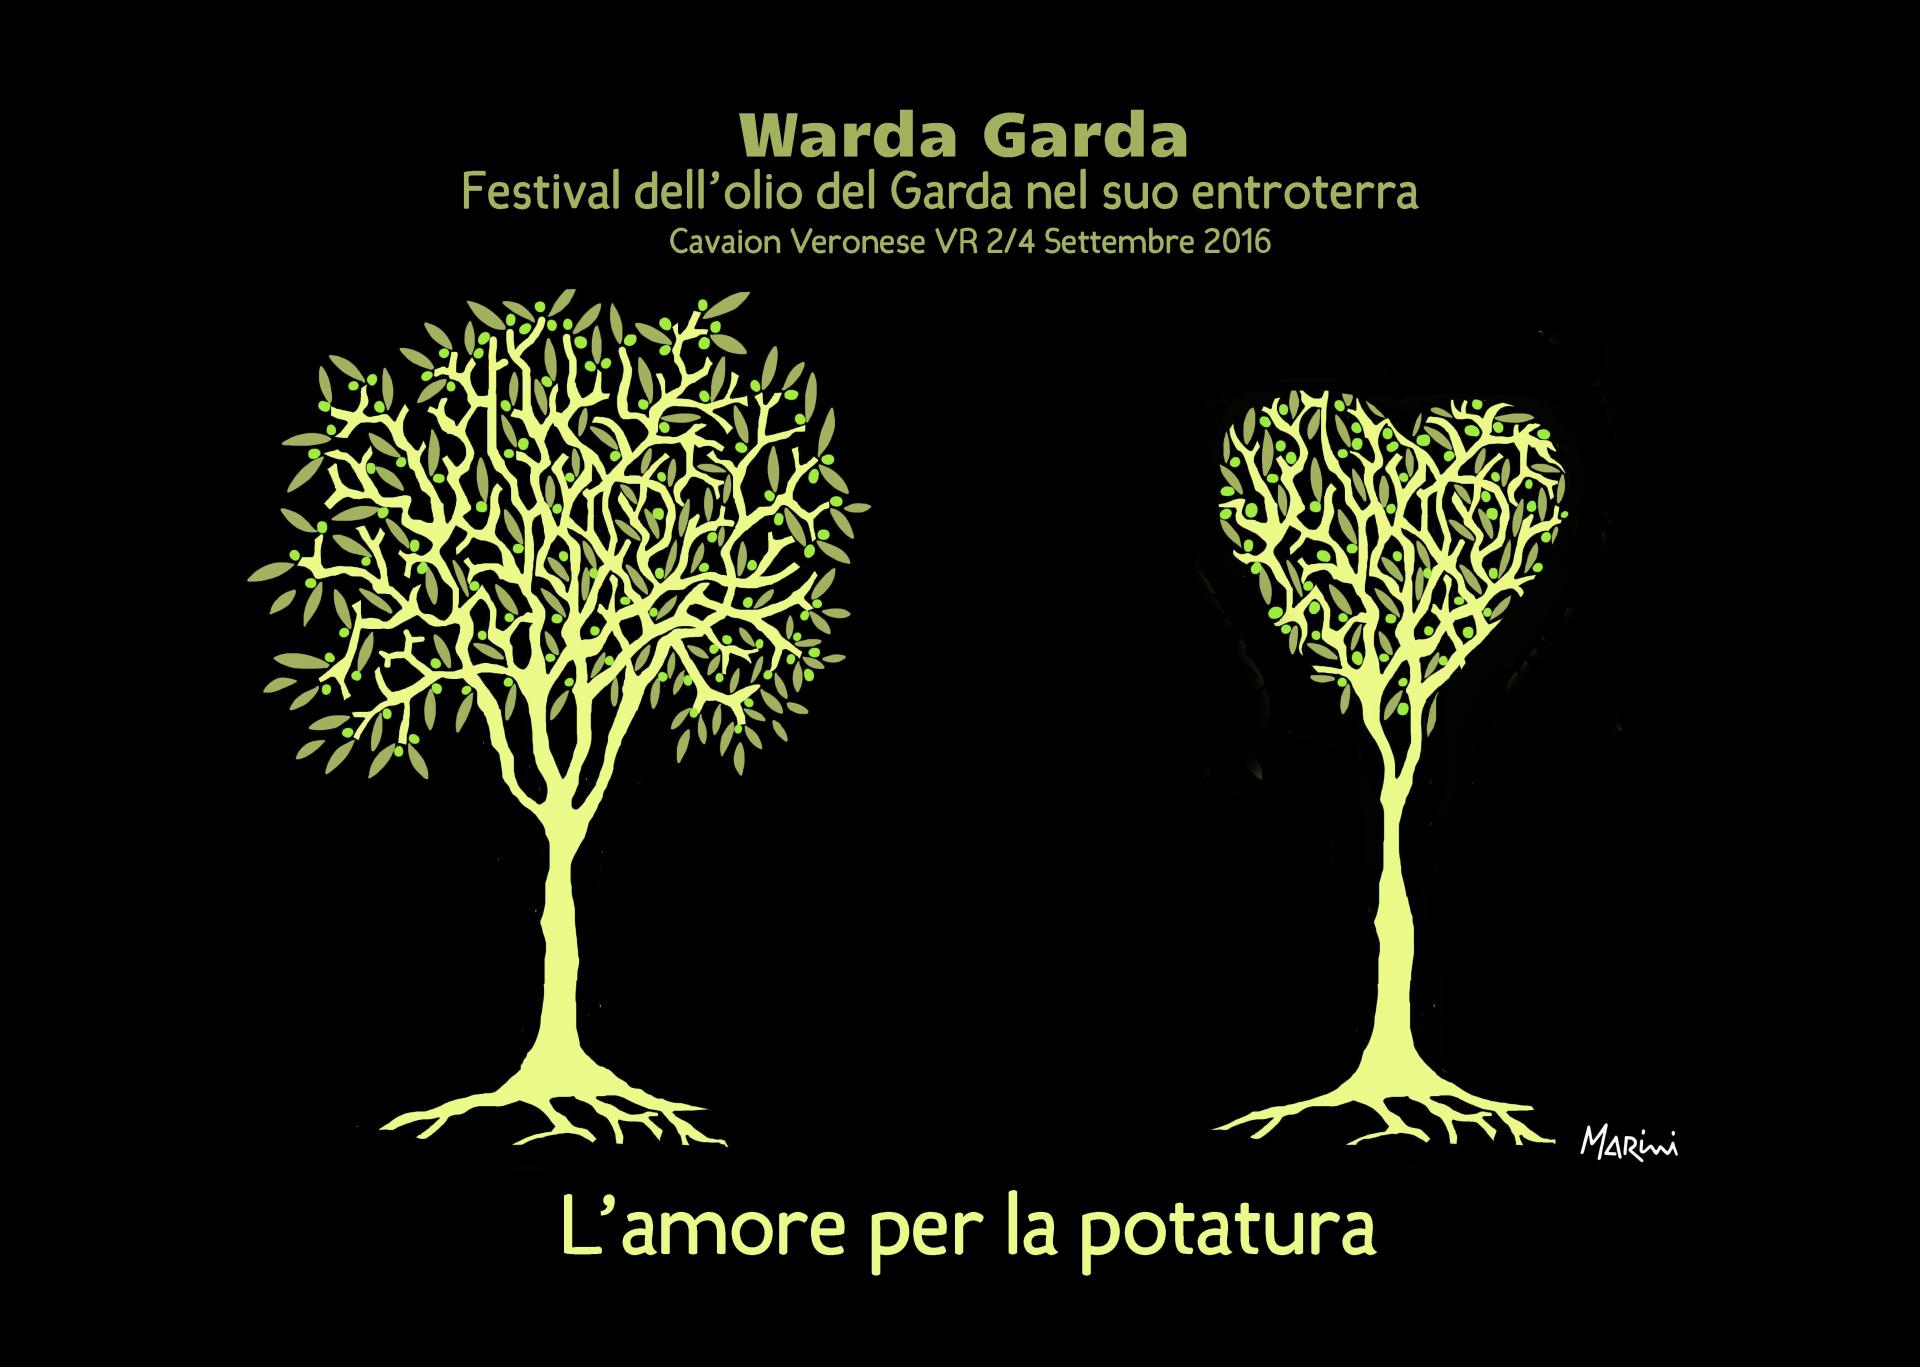 Warda Garda è anche festa dell'olivo